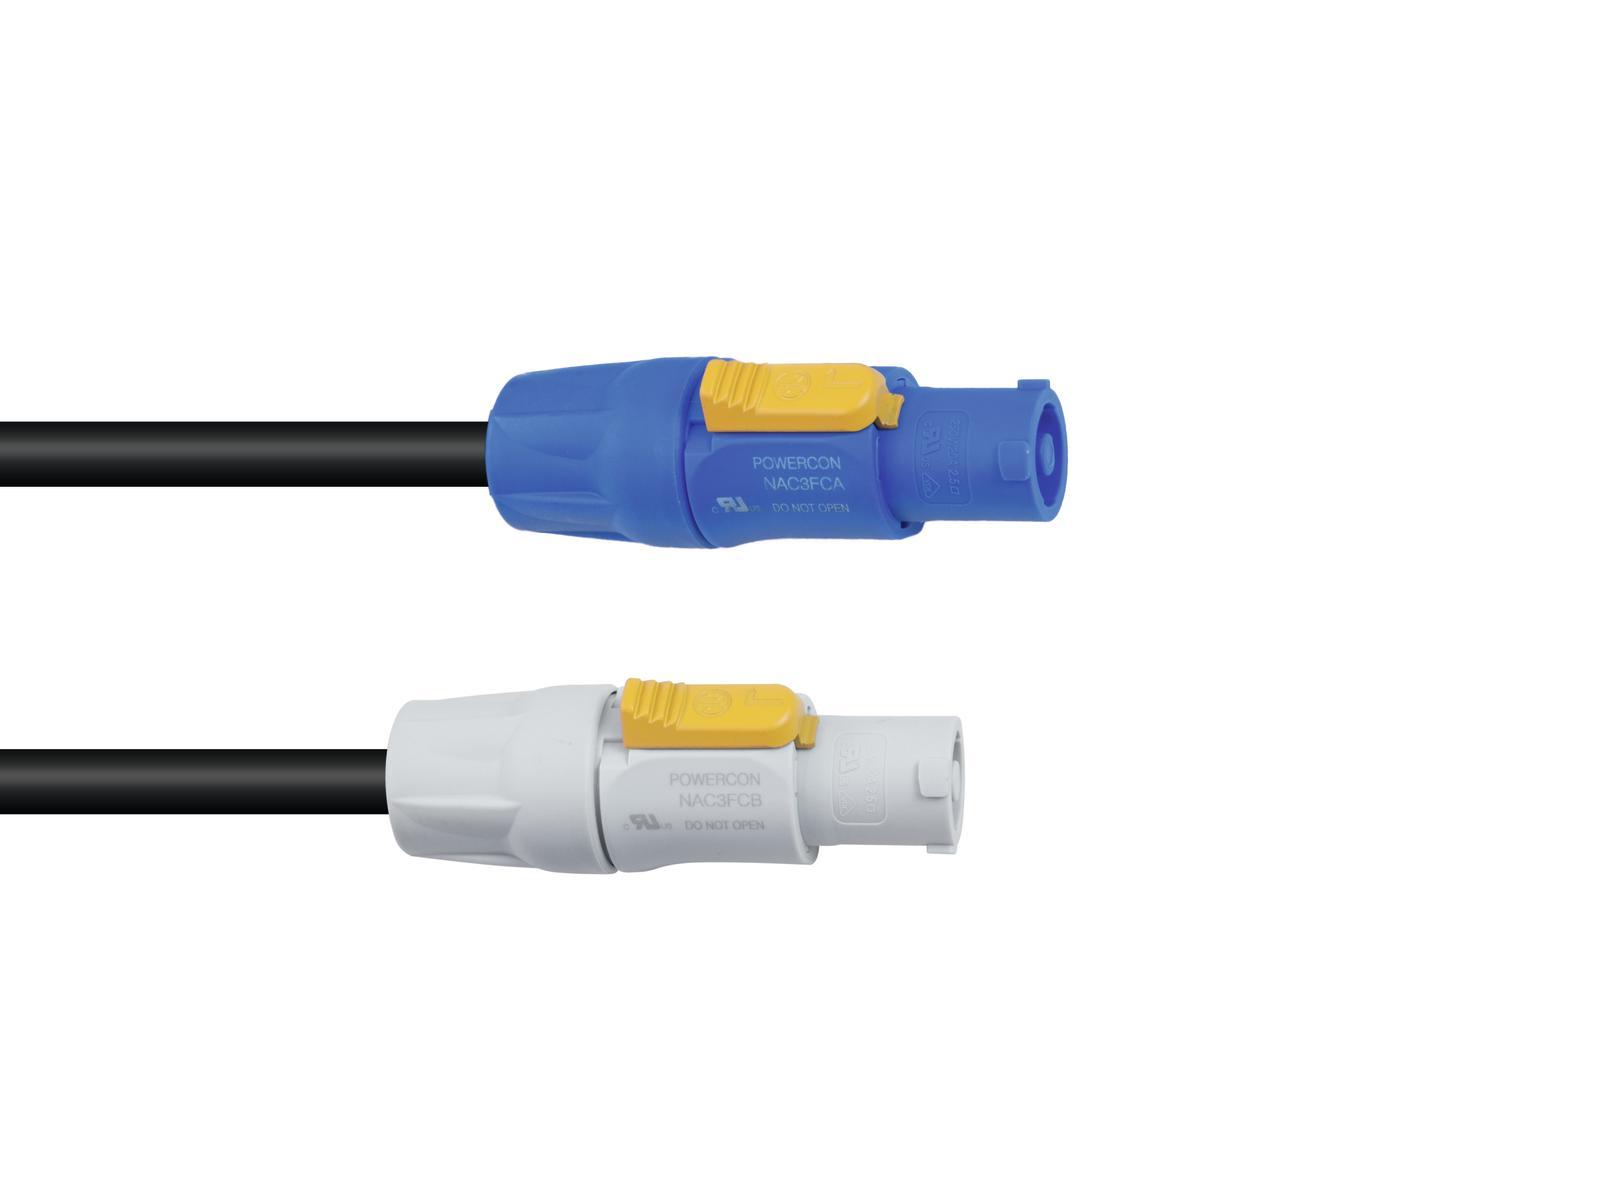 PSSO PowerCon prodlužovací kabel 3x2,5mm, 1,5m